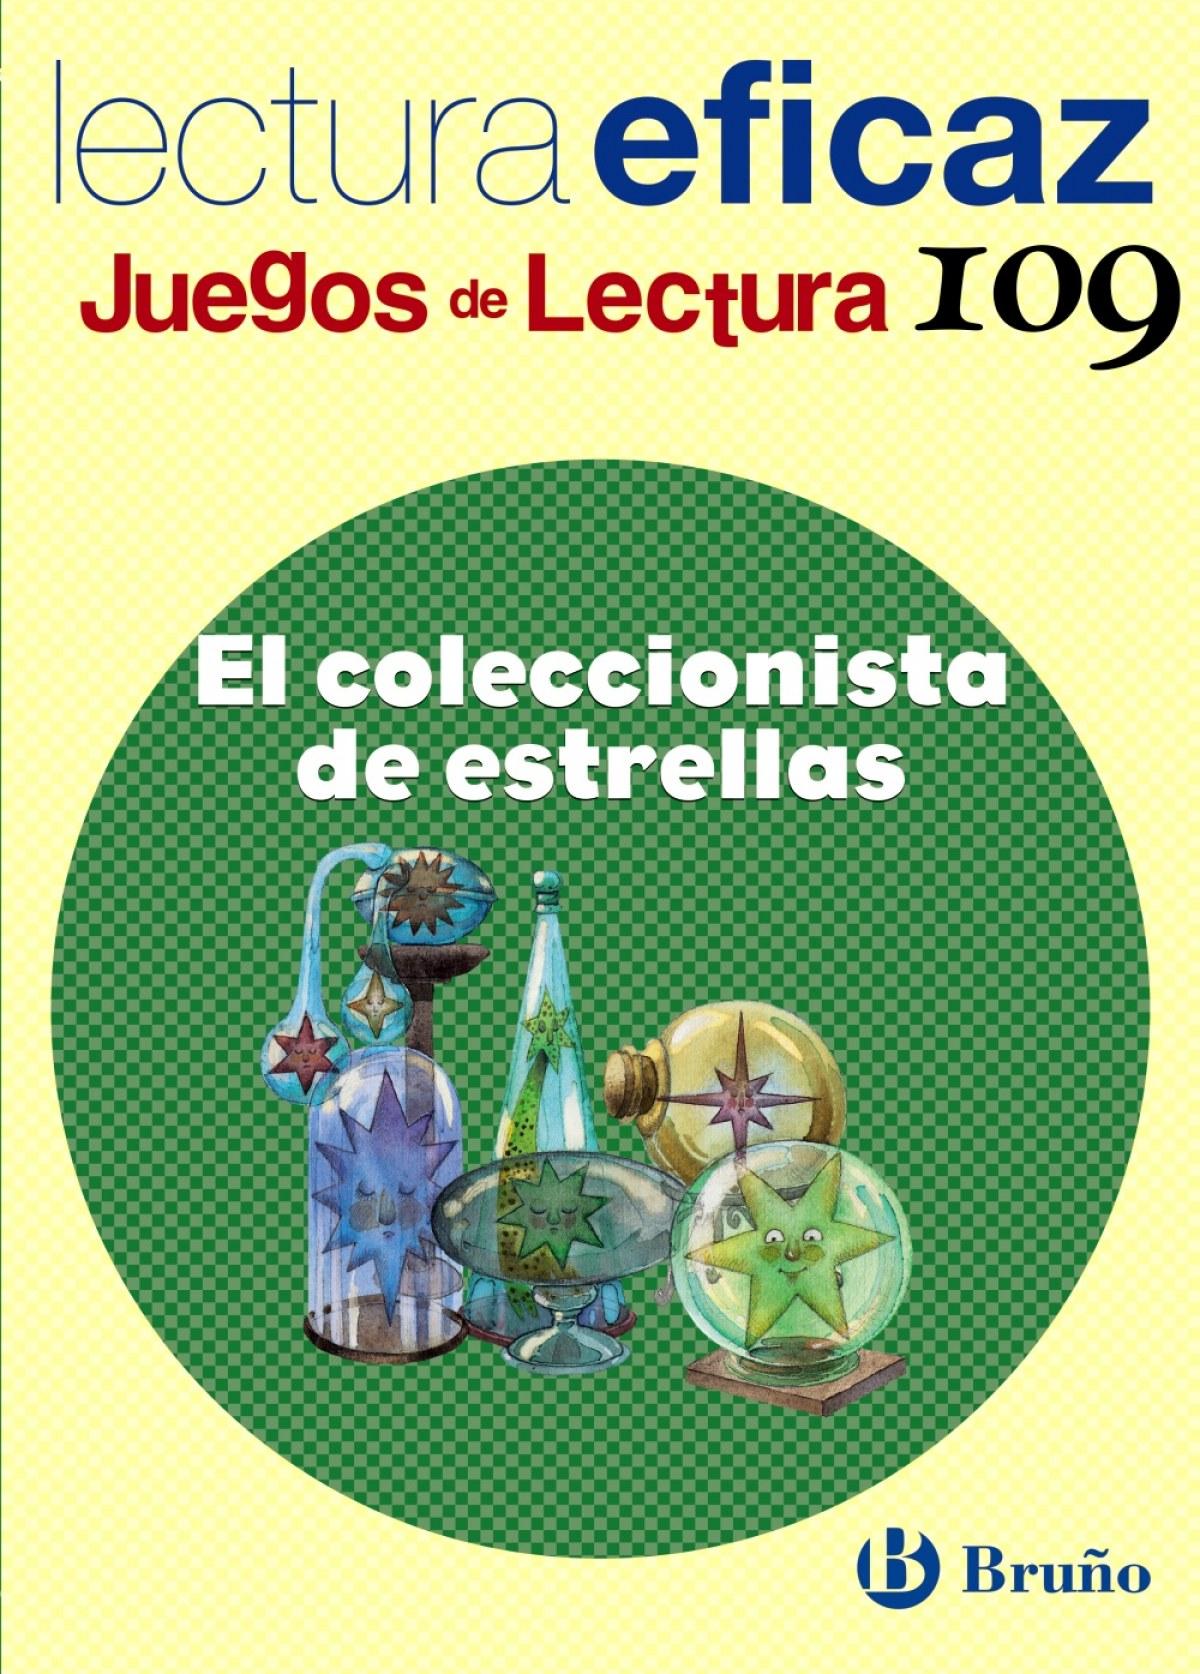 n)/109.coleccionista de estrellas.(juegos lectura) - Alonso Gracia, Ángel/Álvarez de Eulate Alberdi, Carlos Miguel